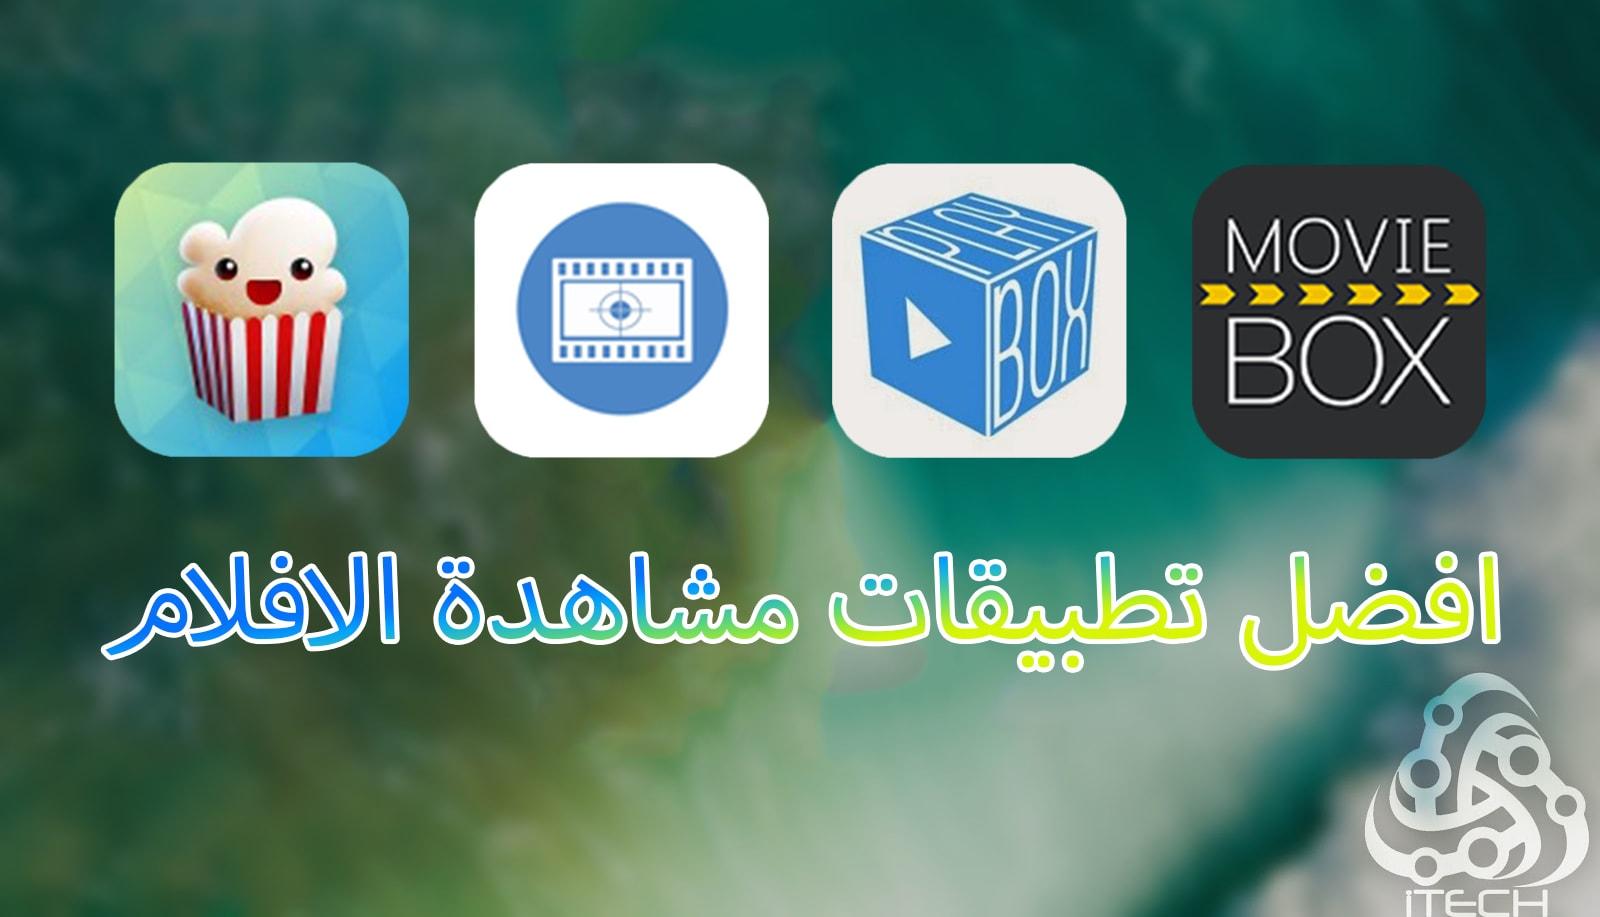 افضل 4 برامج لمشاهدة الافلام على الآيفون والآيباد مع الترجمة العربية